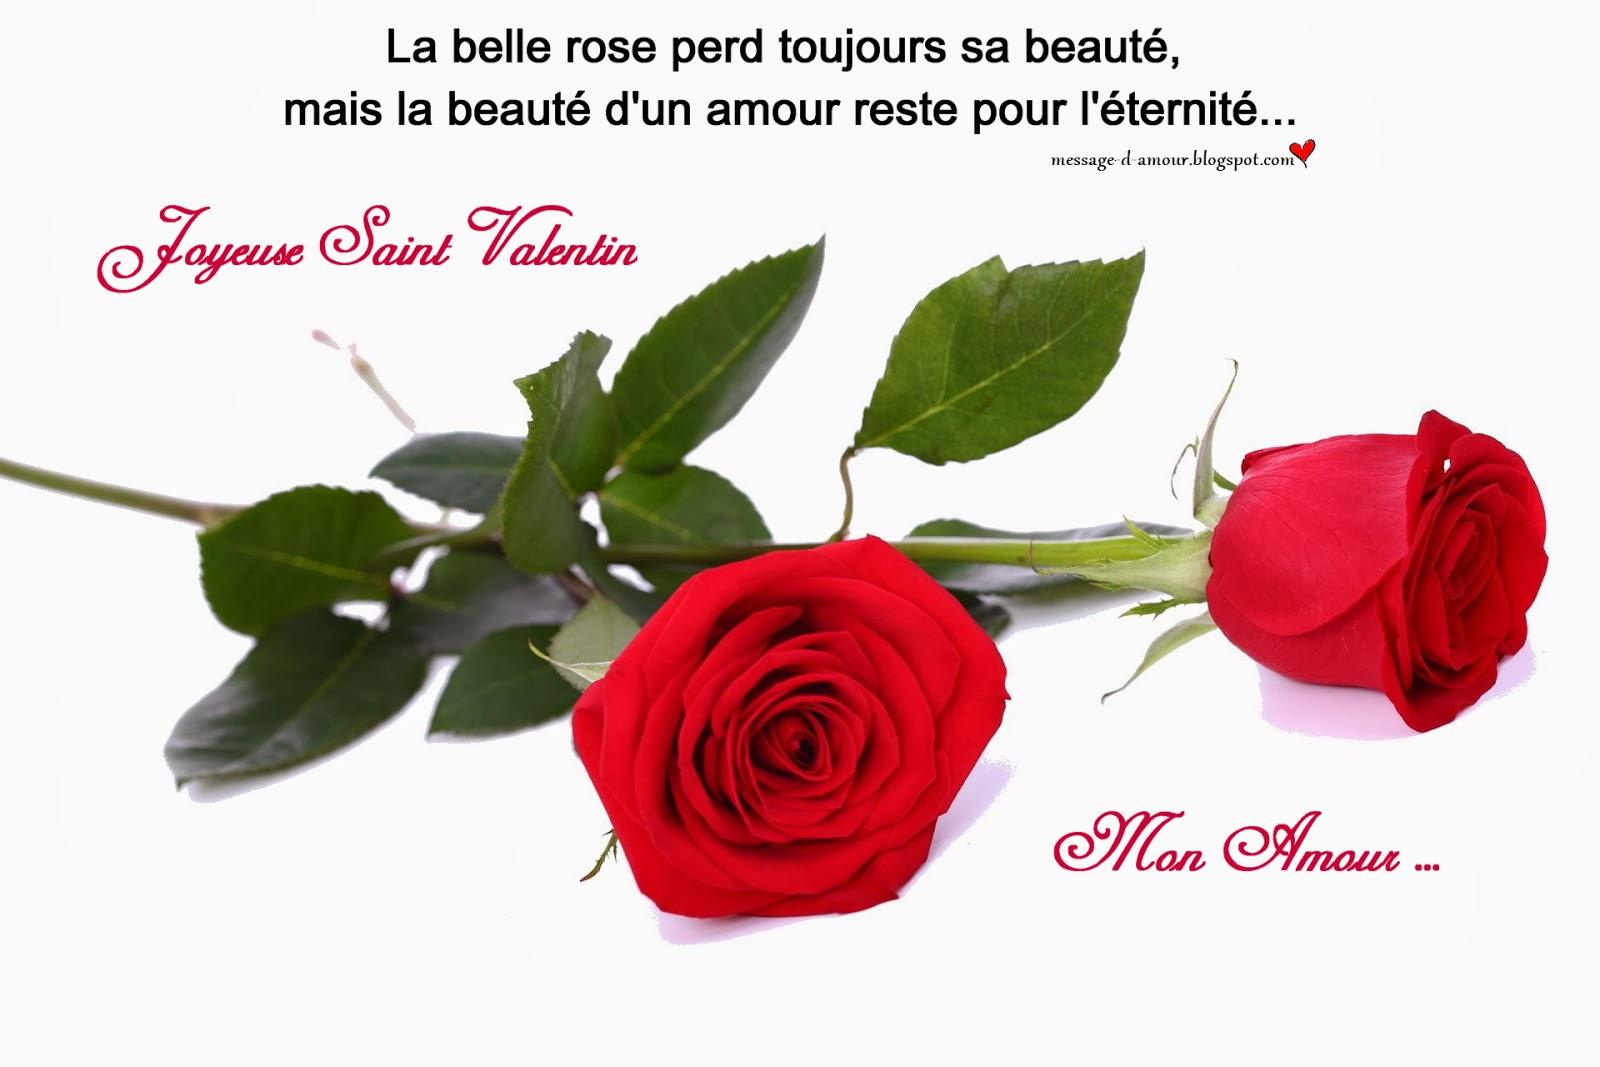 Cartes de saint valentin message d 39 amour for Livraison fleurs avec message